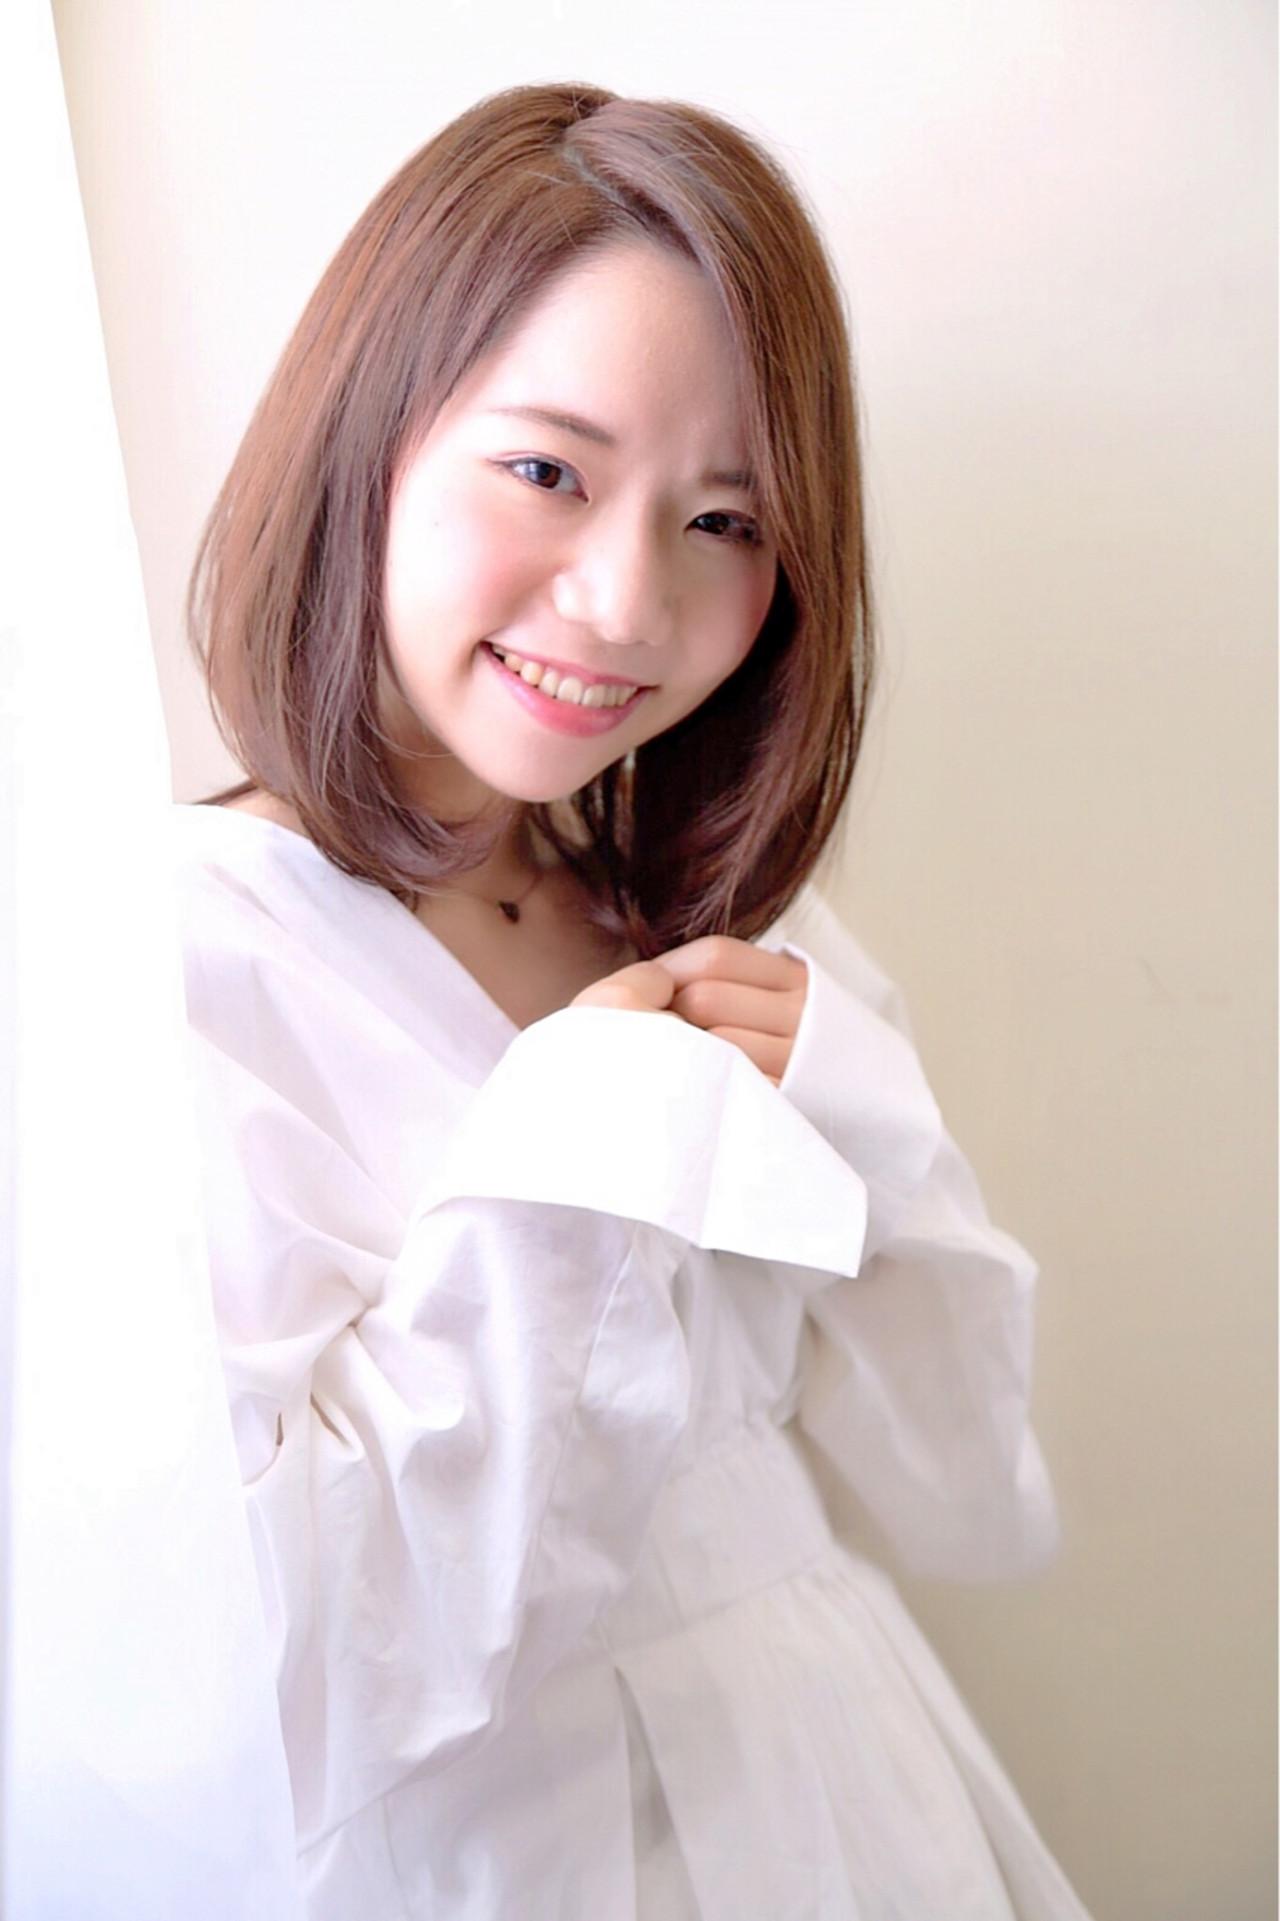 右分けバングで女っぽさをプラス! 大嶋 理紗